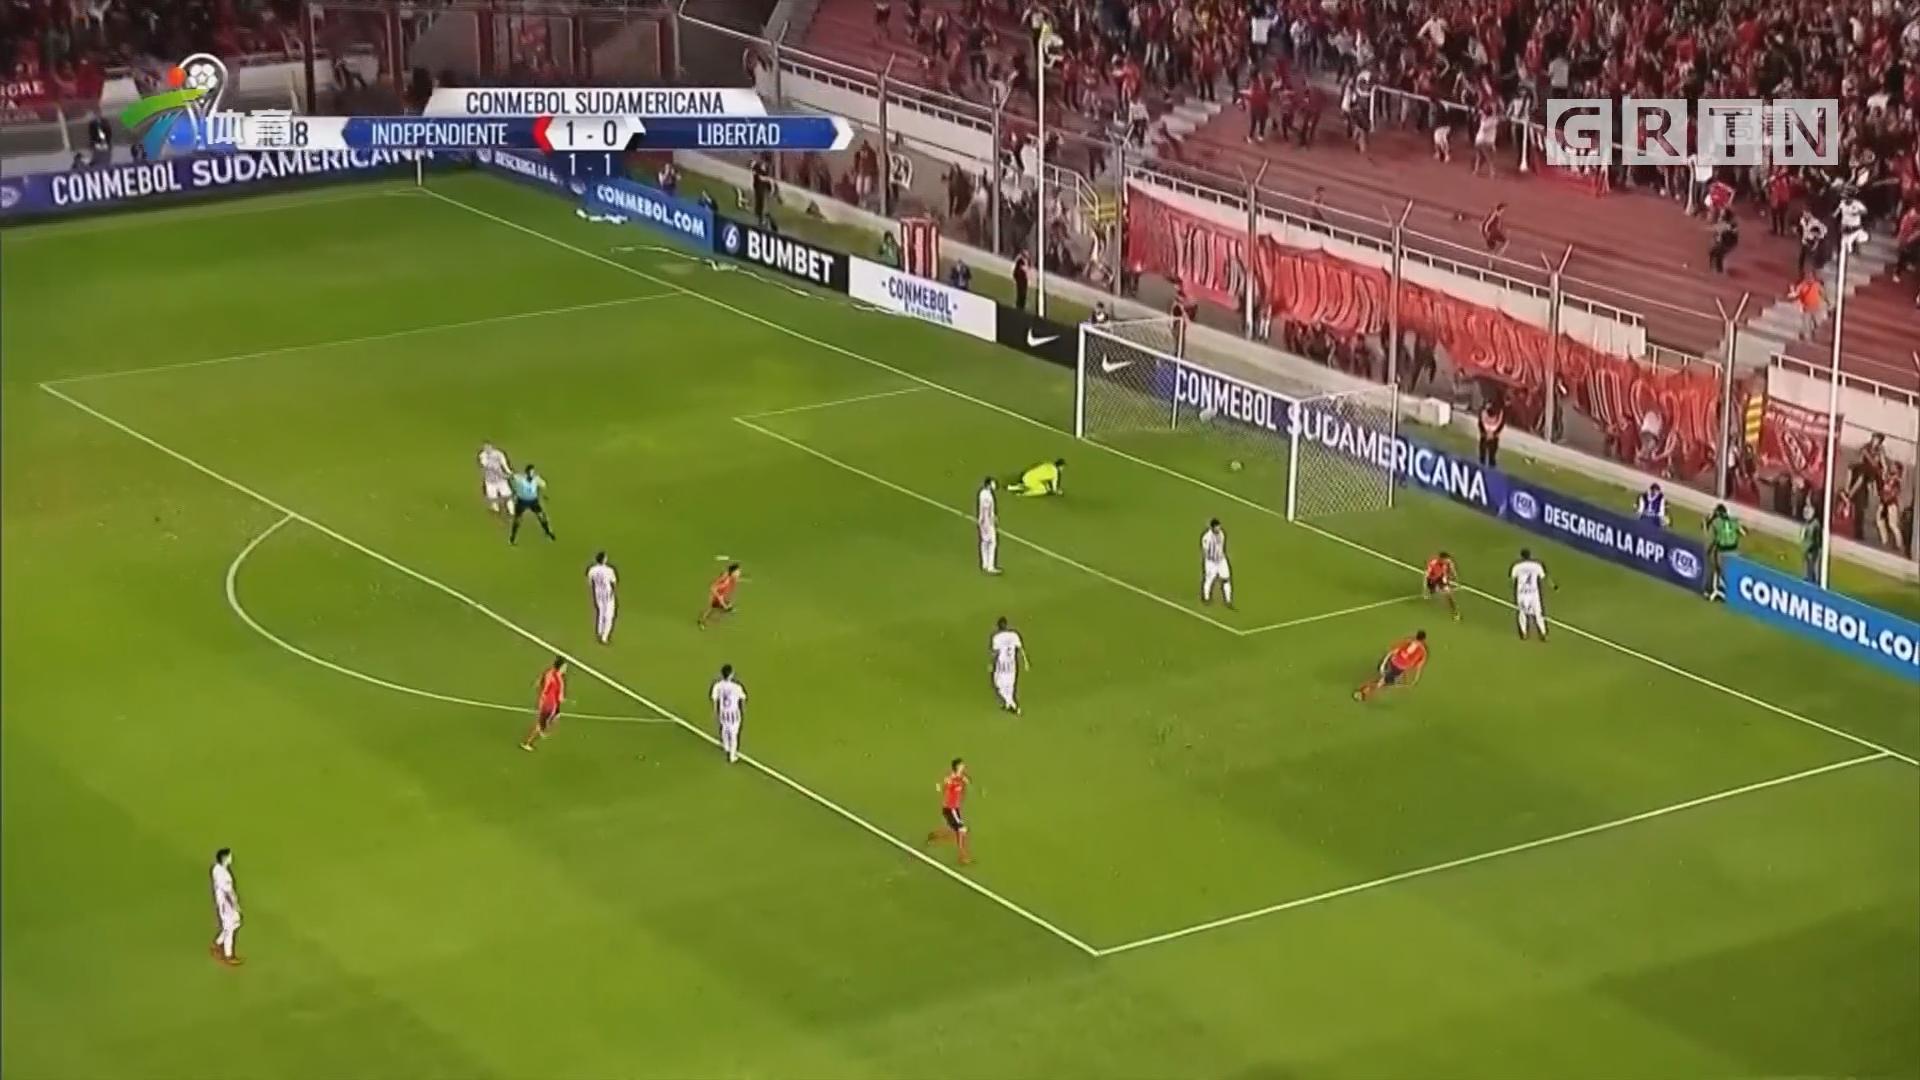 南美俱乐部杯 独立队晋级决赛